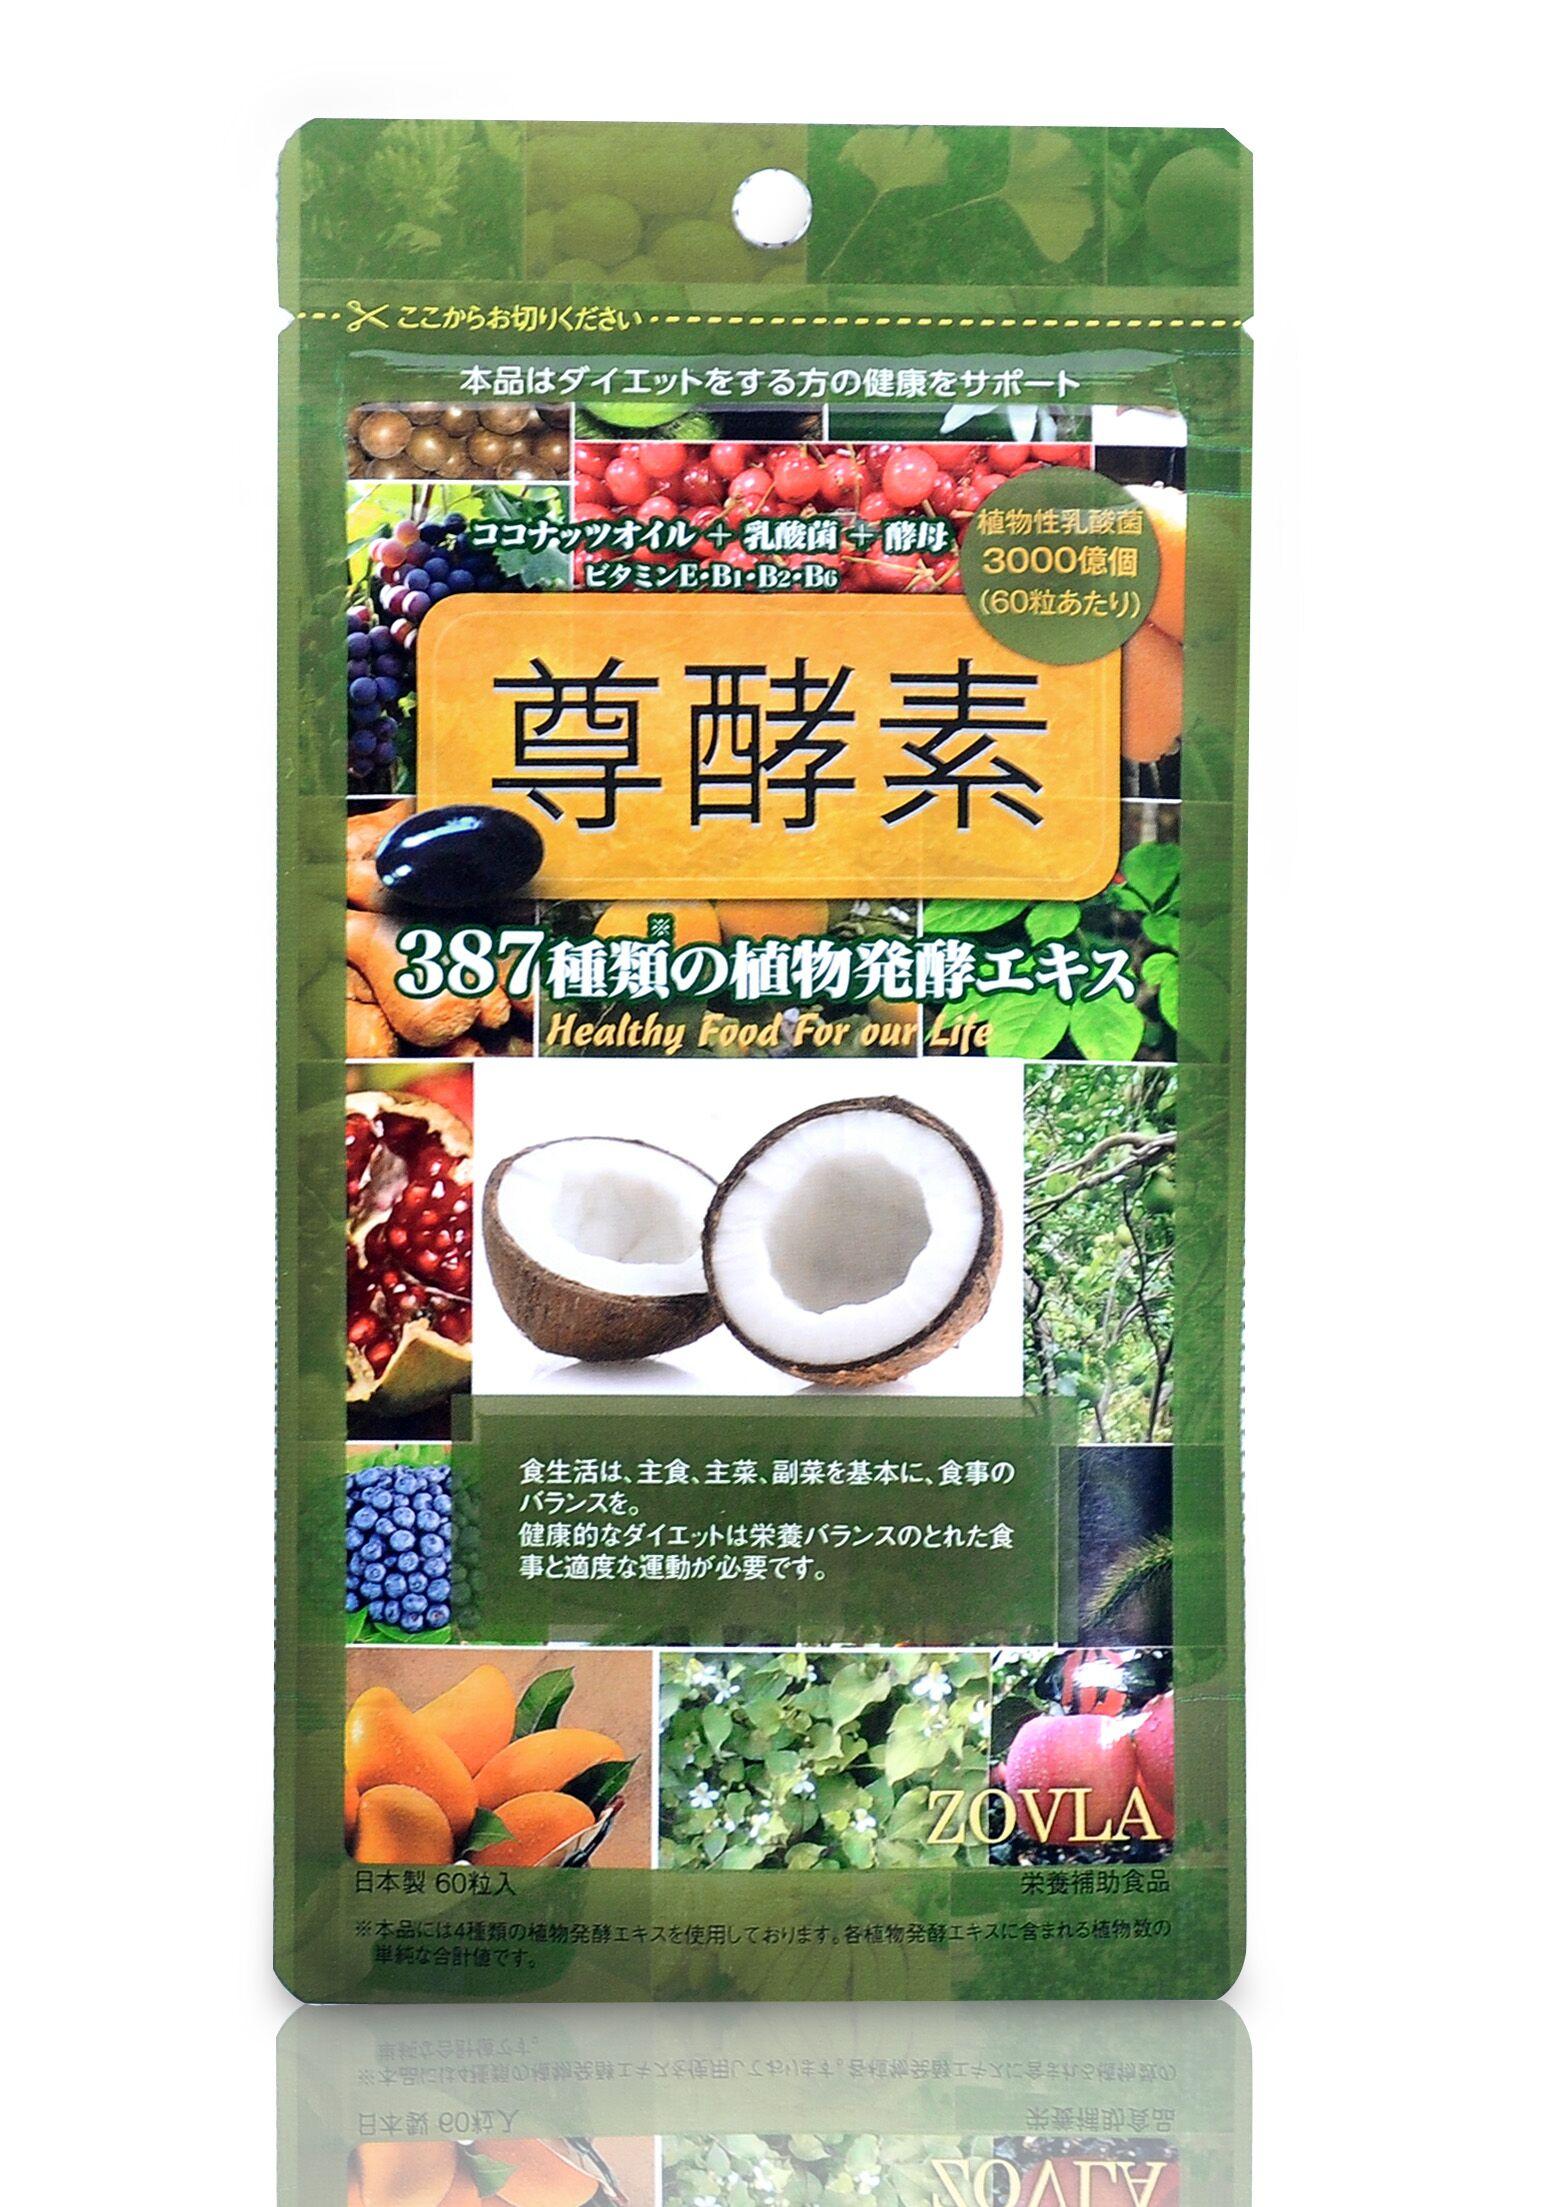 日本ZOVLA尊酵素387美白酵素 无需节食 健康减肥瘦身 快速燃脂 补充营养